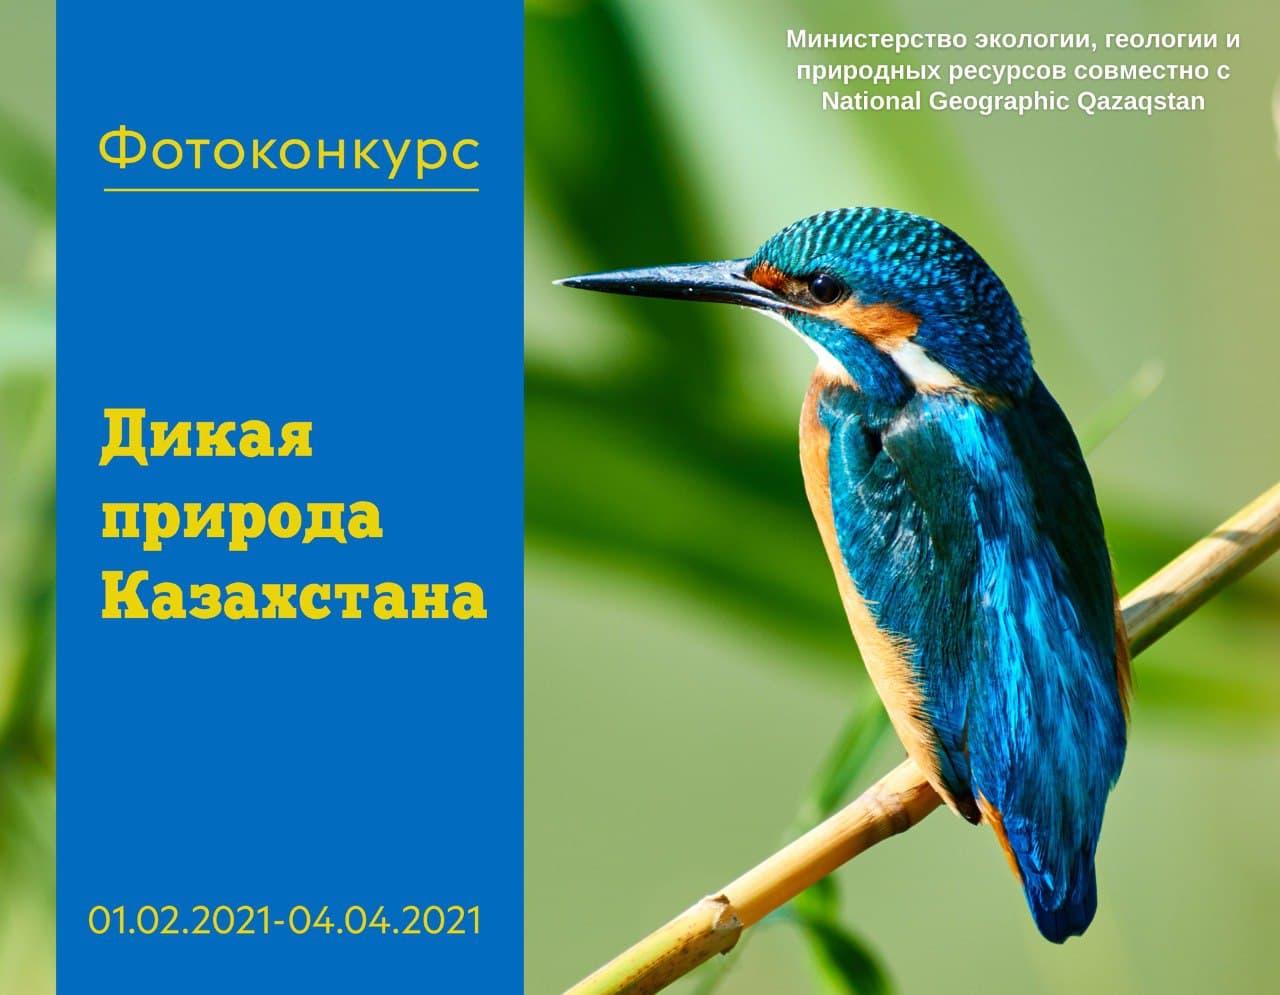 1,5 млн тенге составляет призовой фонд фотоконкурса «Дикая природа Казахстана»